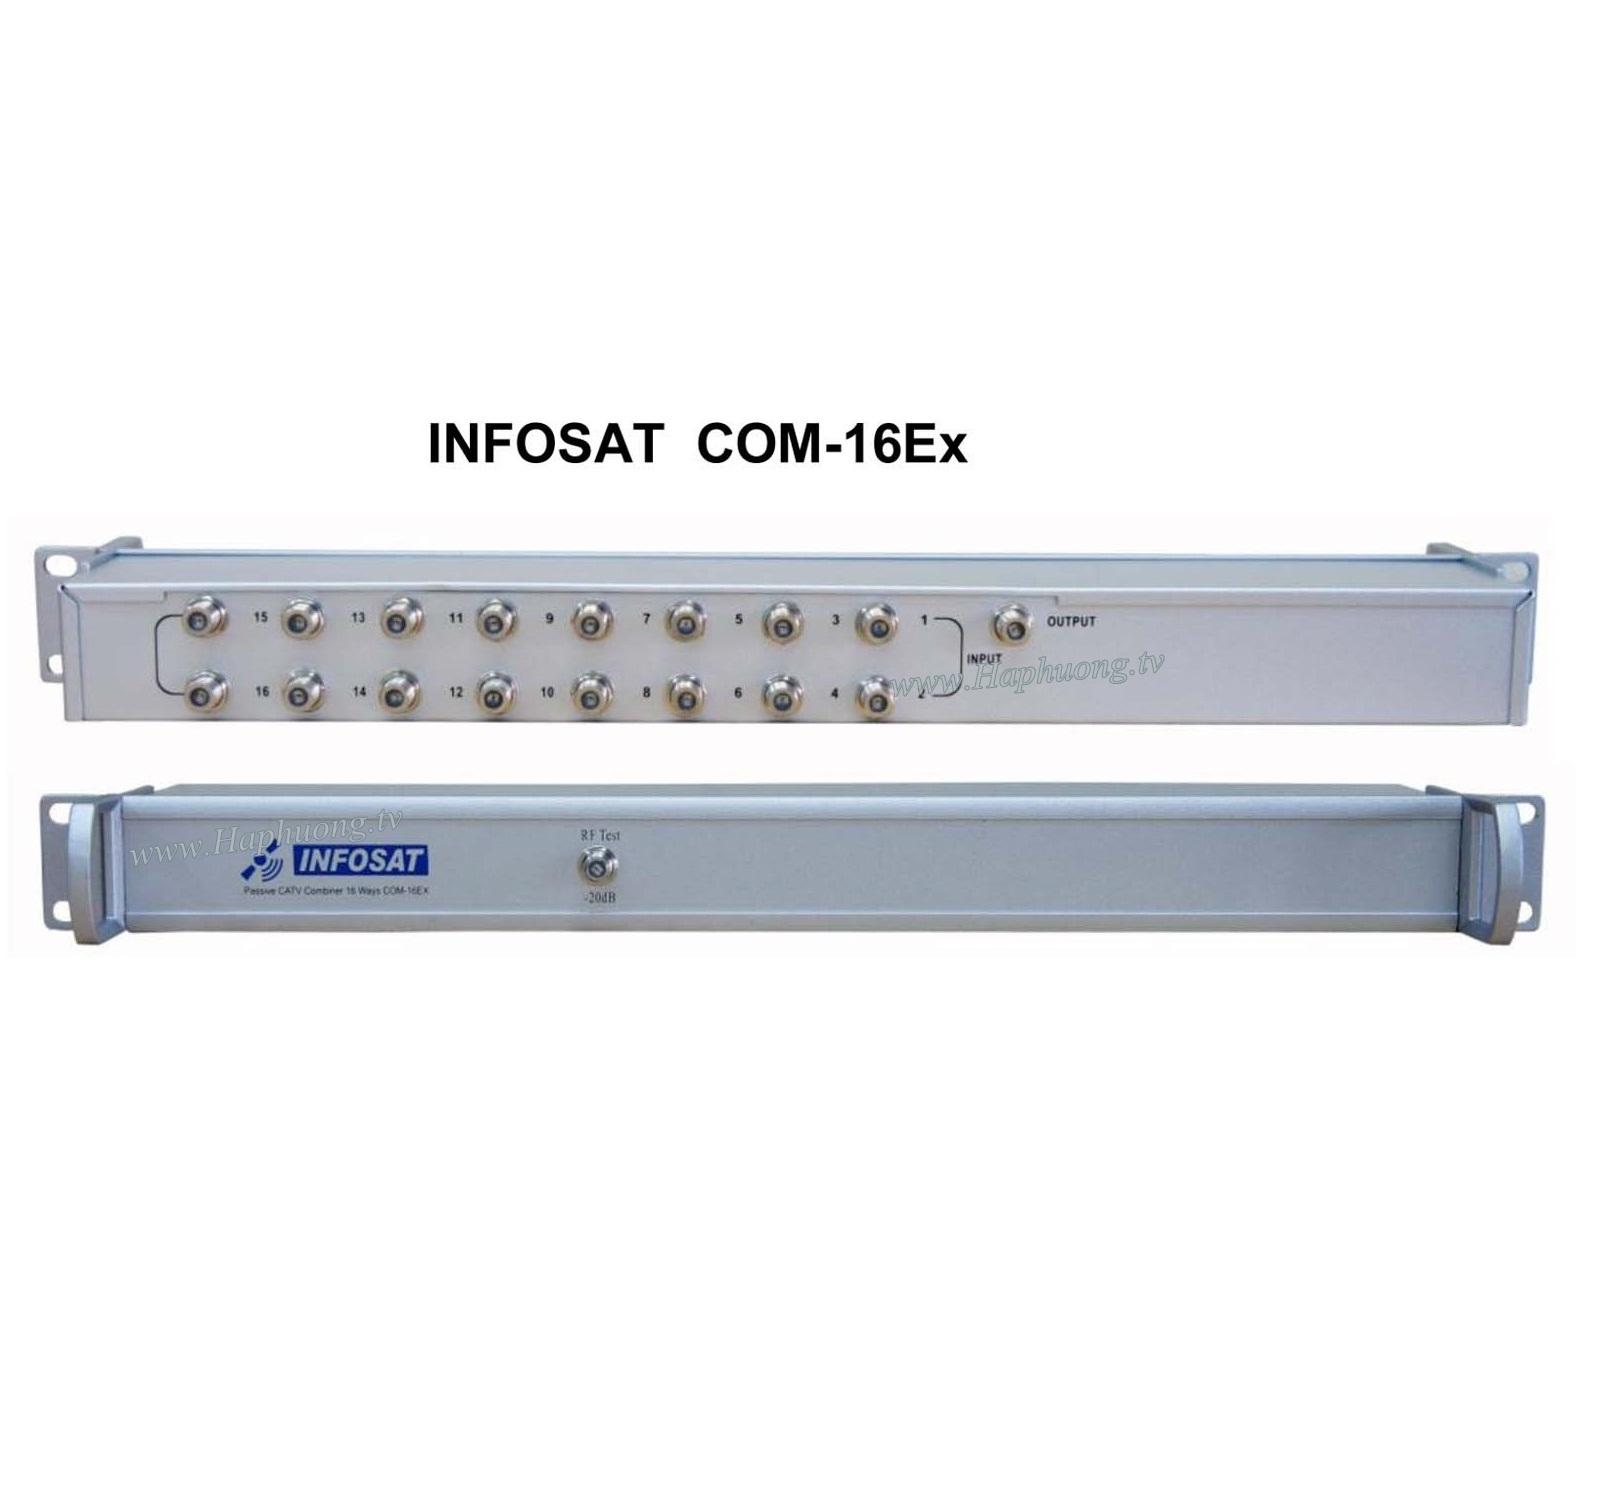 Trộn tín hiệu Infosat COM-16EX